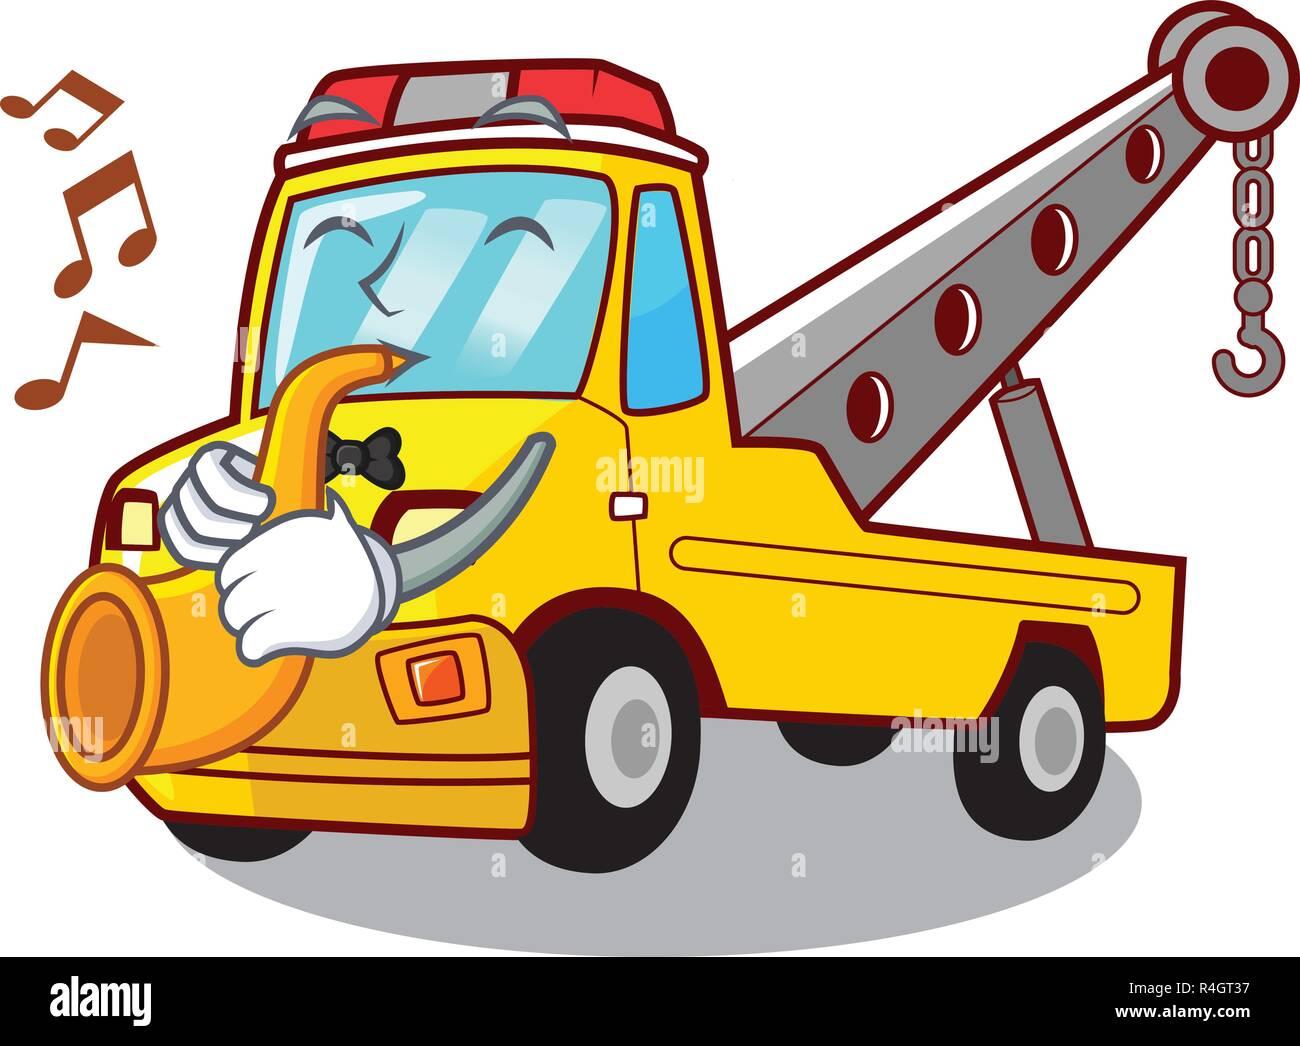 Voiture Animé Sur Dessin Avec Transport Camion De Trompette 0OPkXnw8